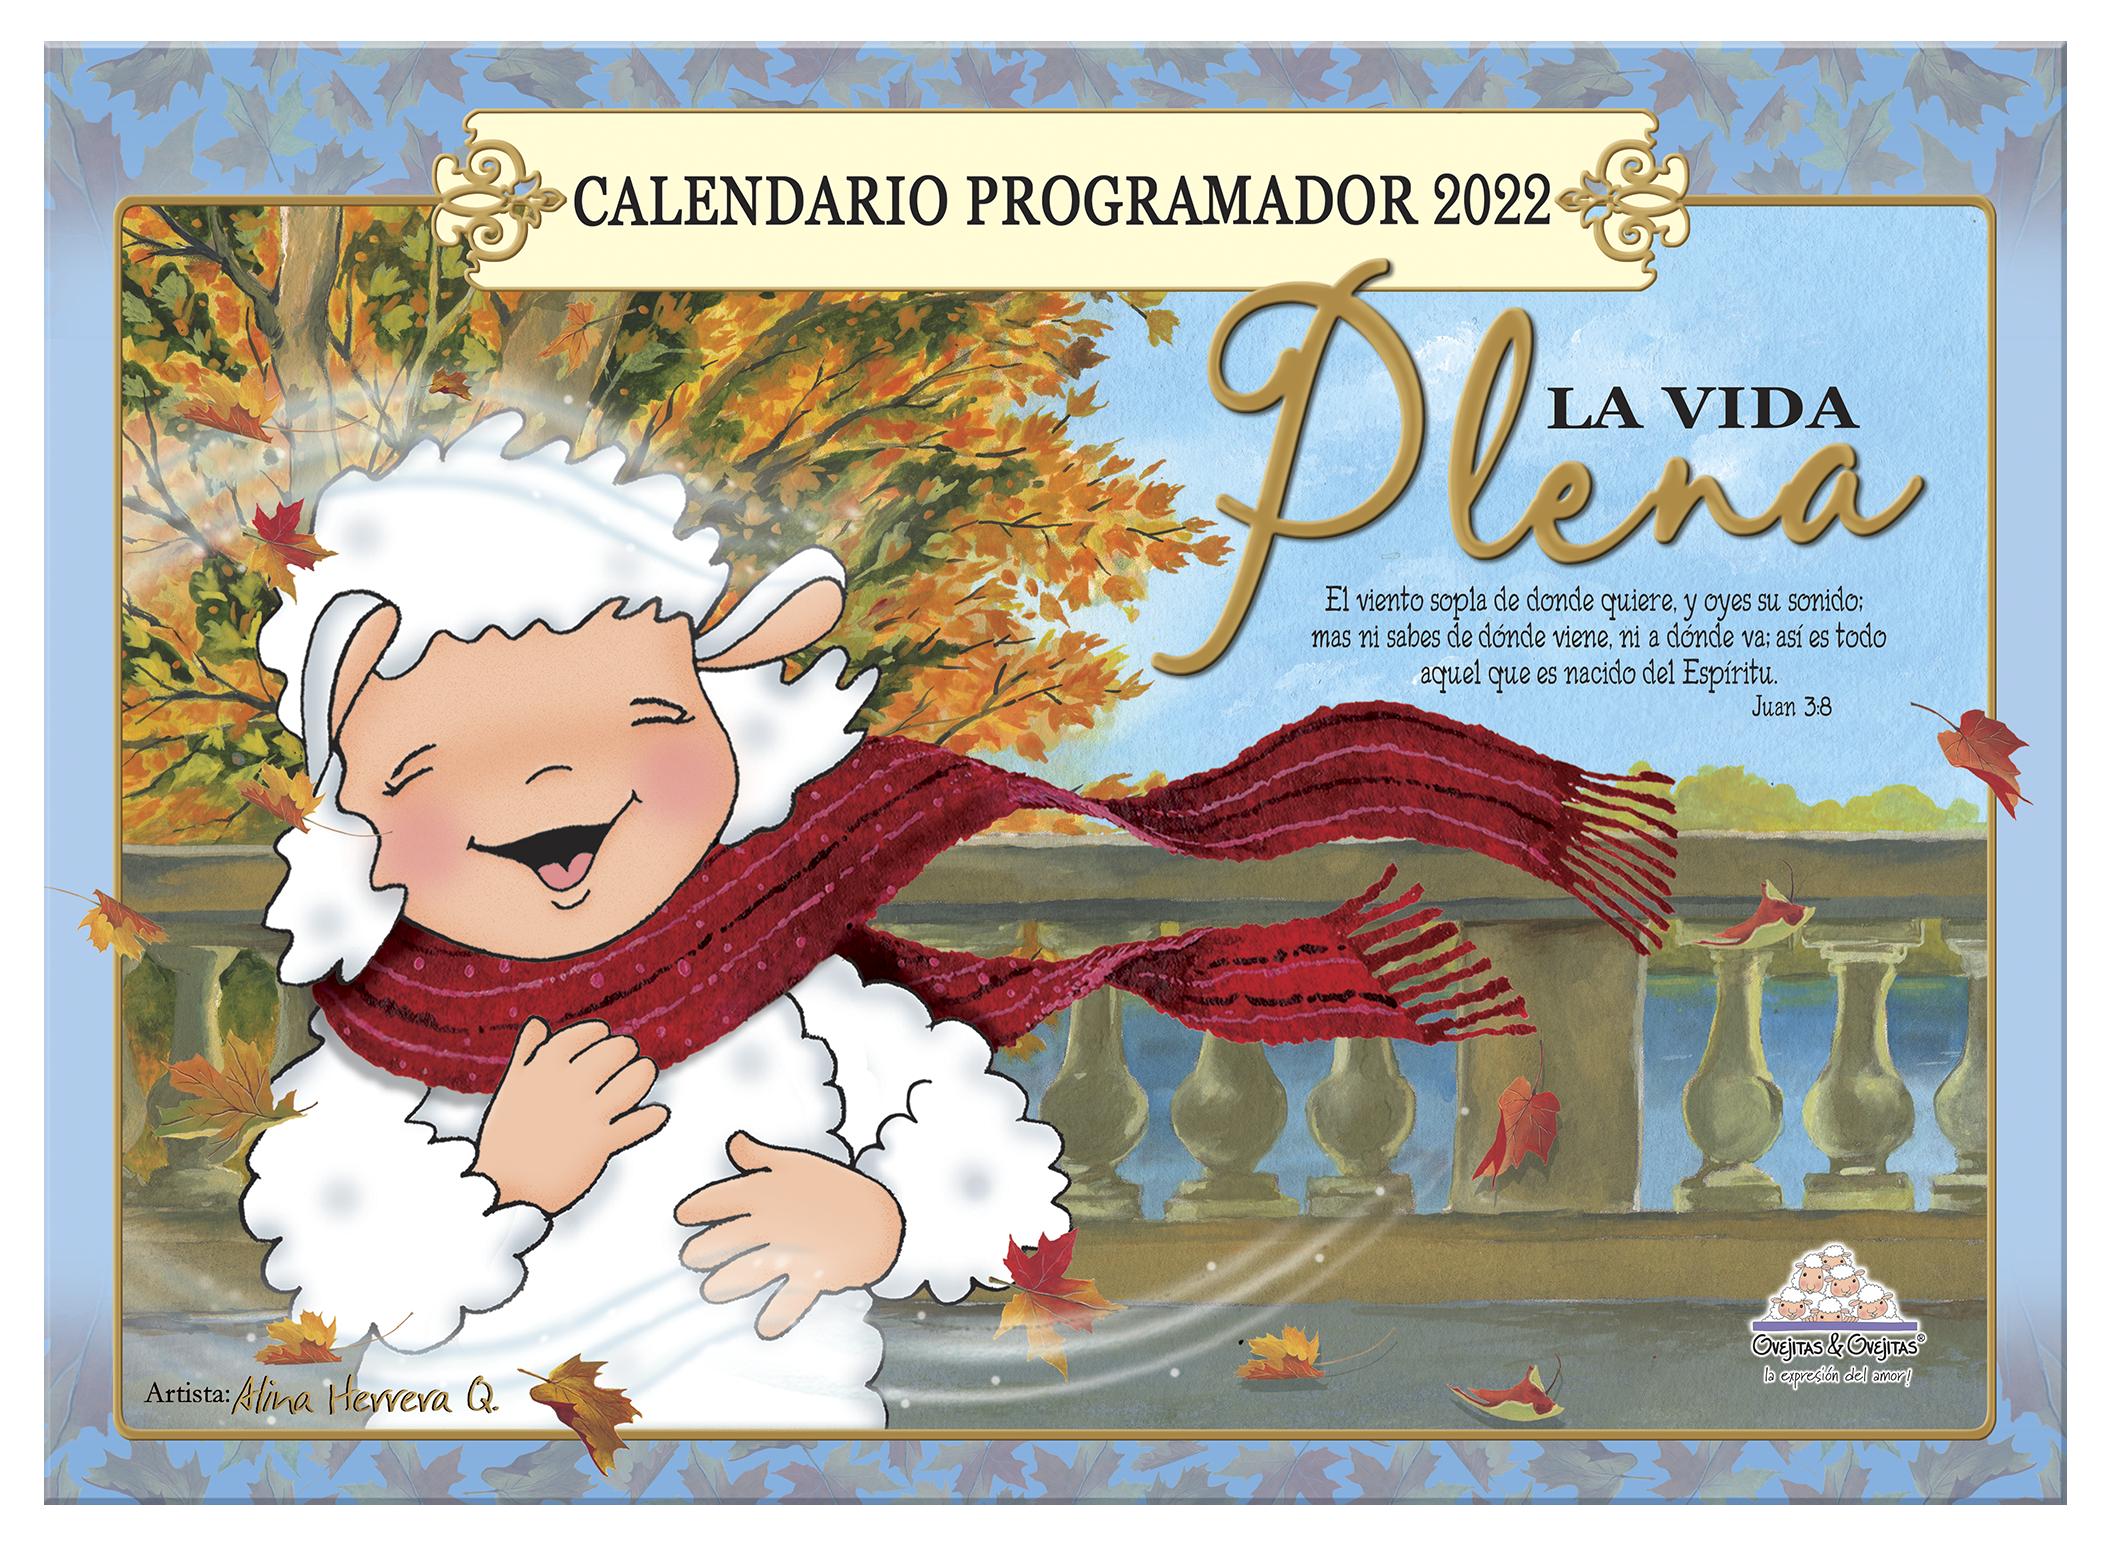 Calendario Ovejitas La Vida Plena 2022 / Programador